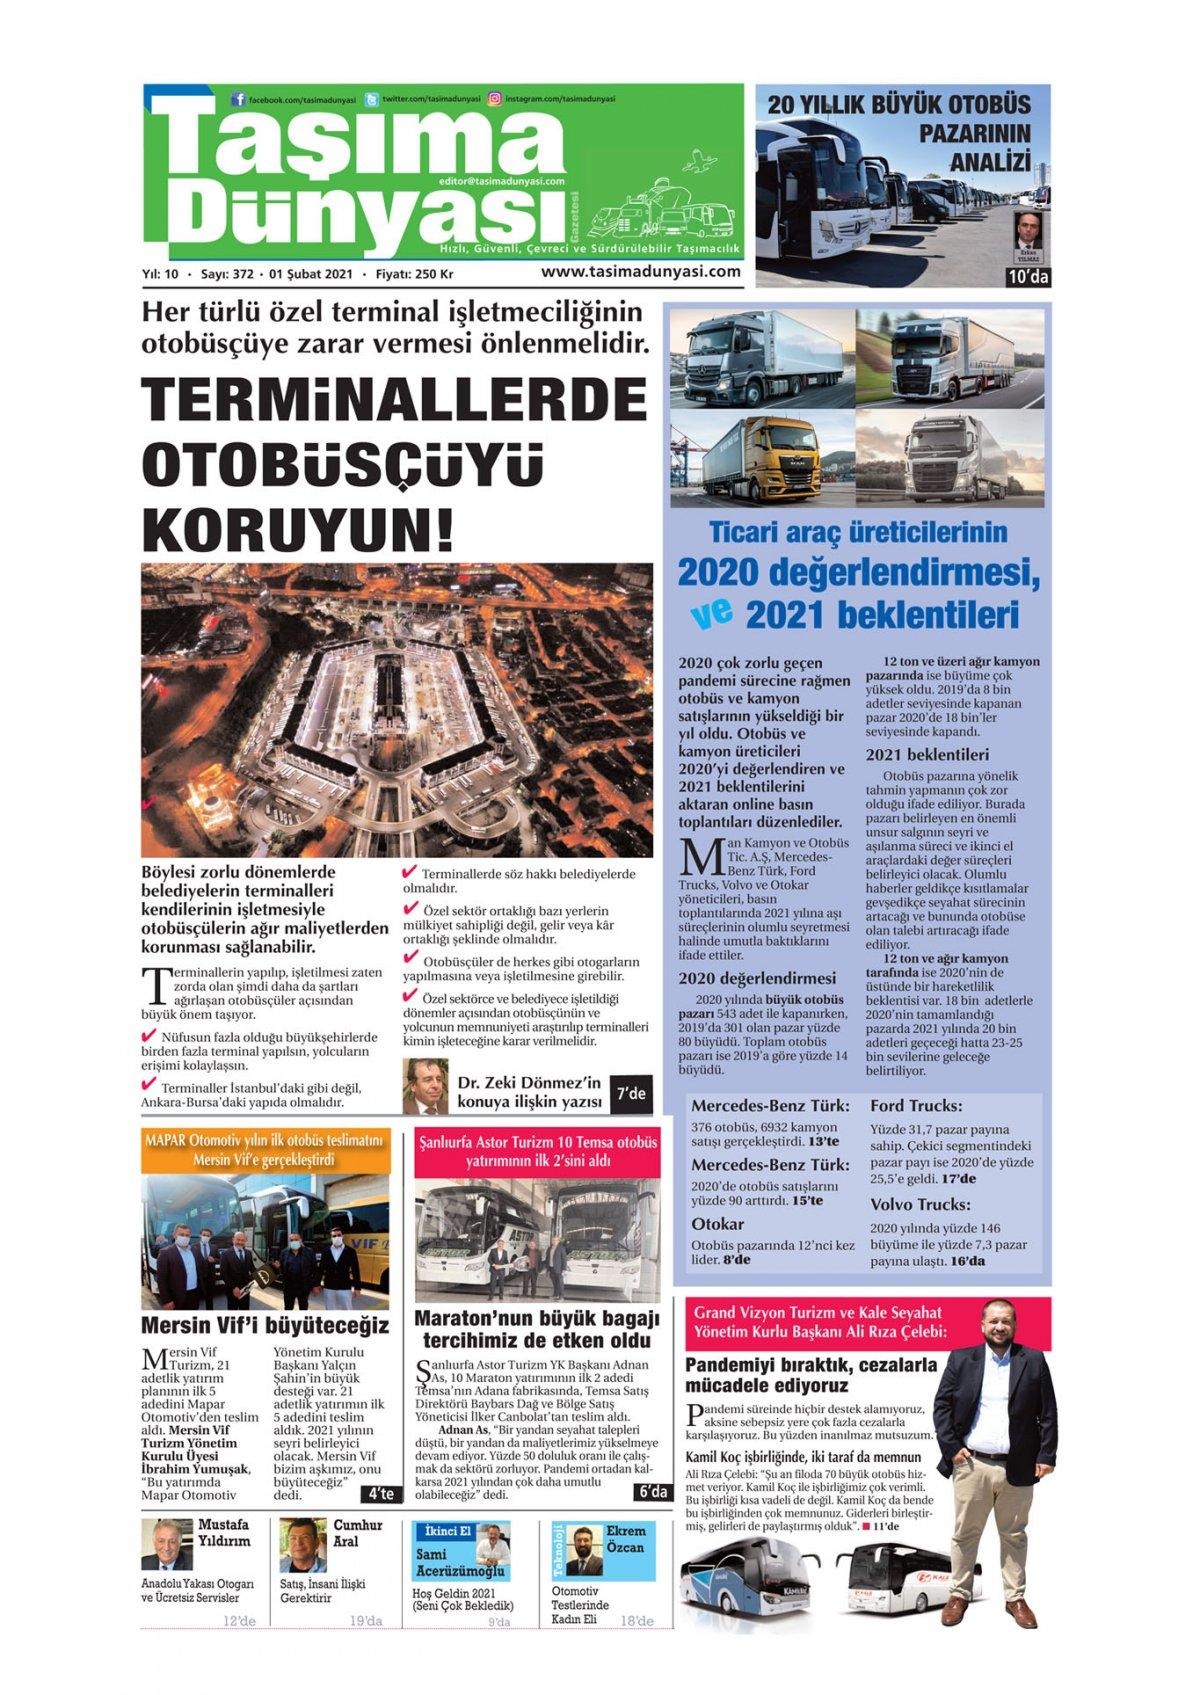 Taşıma Dünyası Gazetesi - 01.02.2021 Manşeti